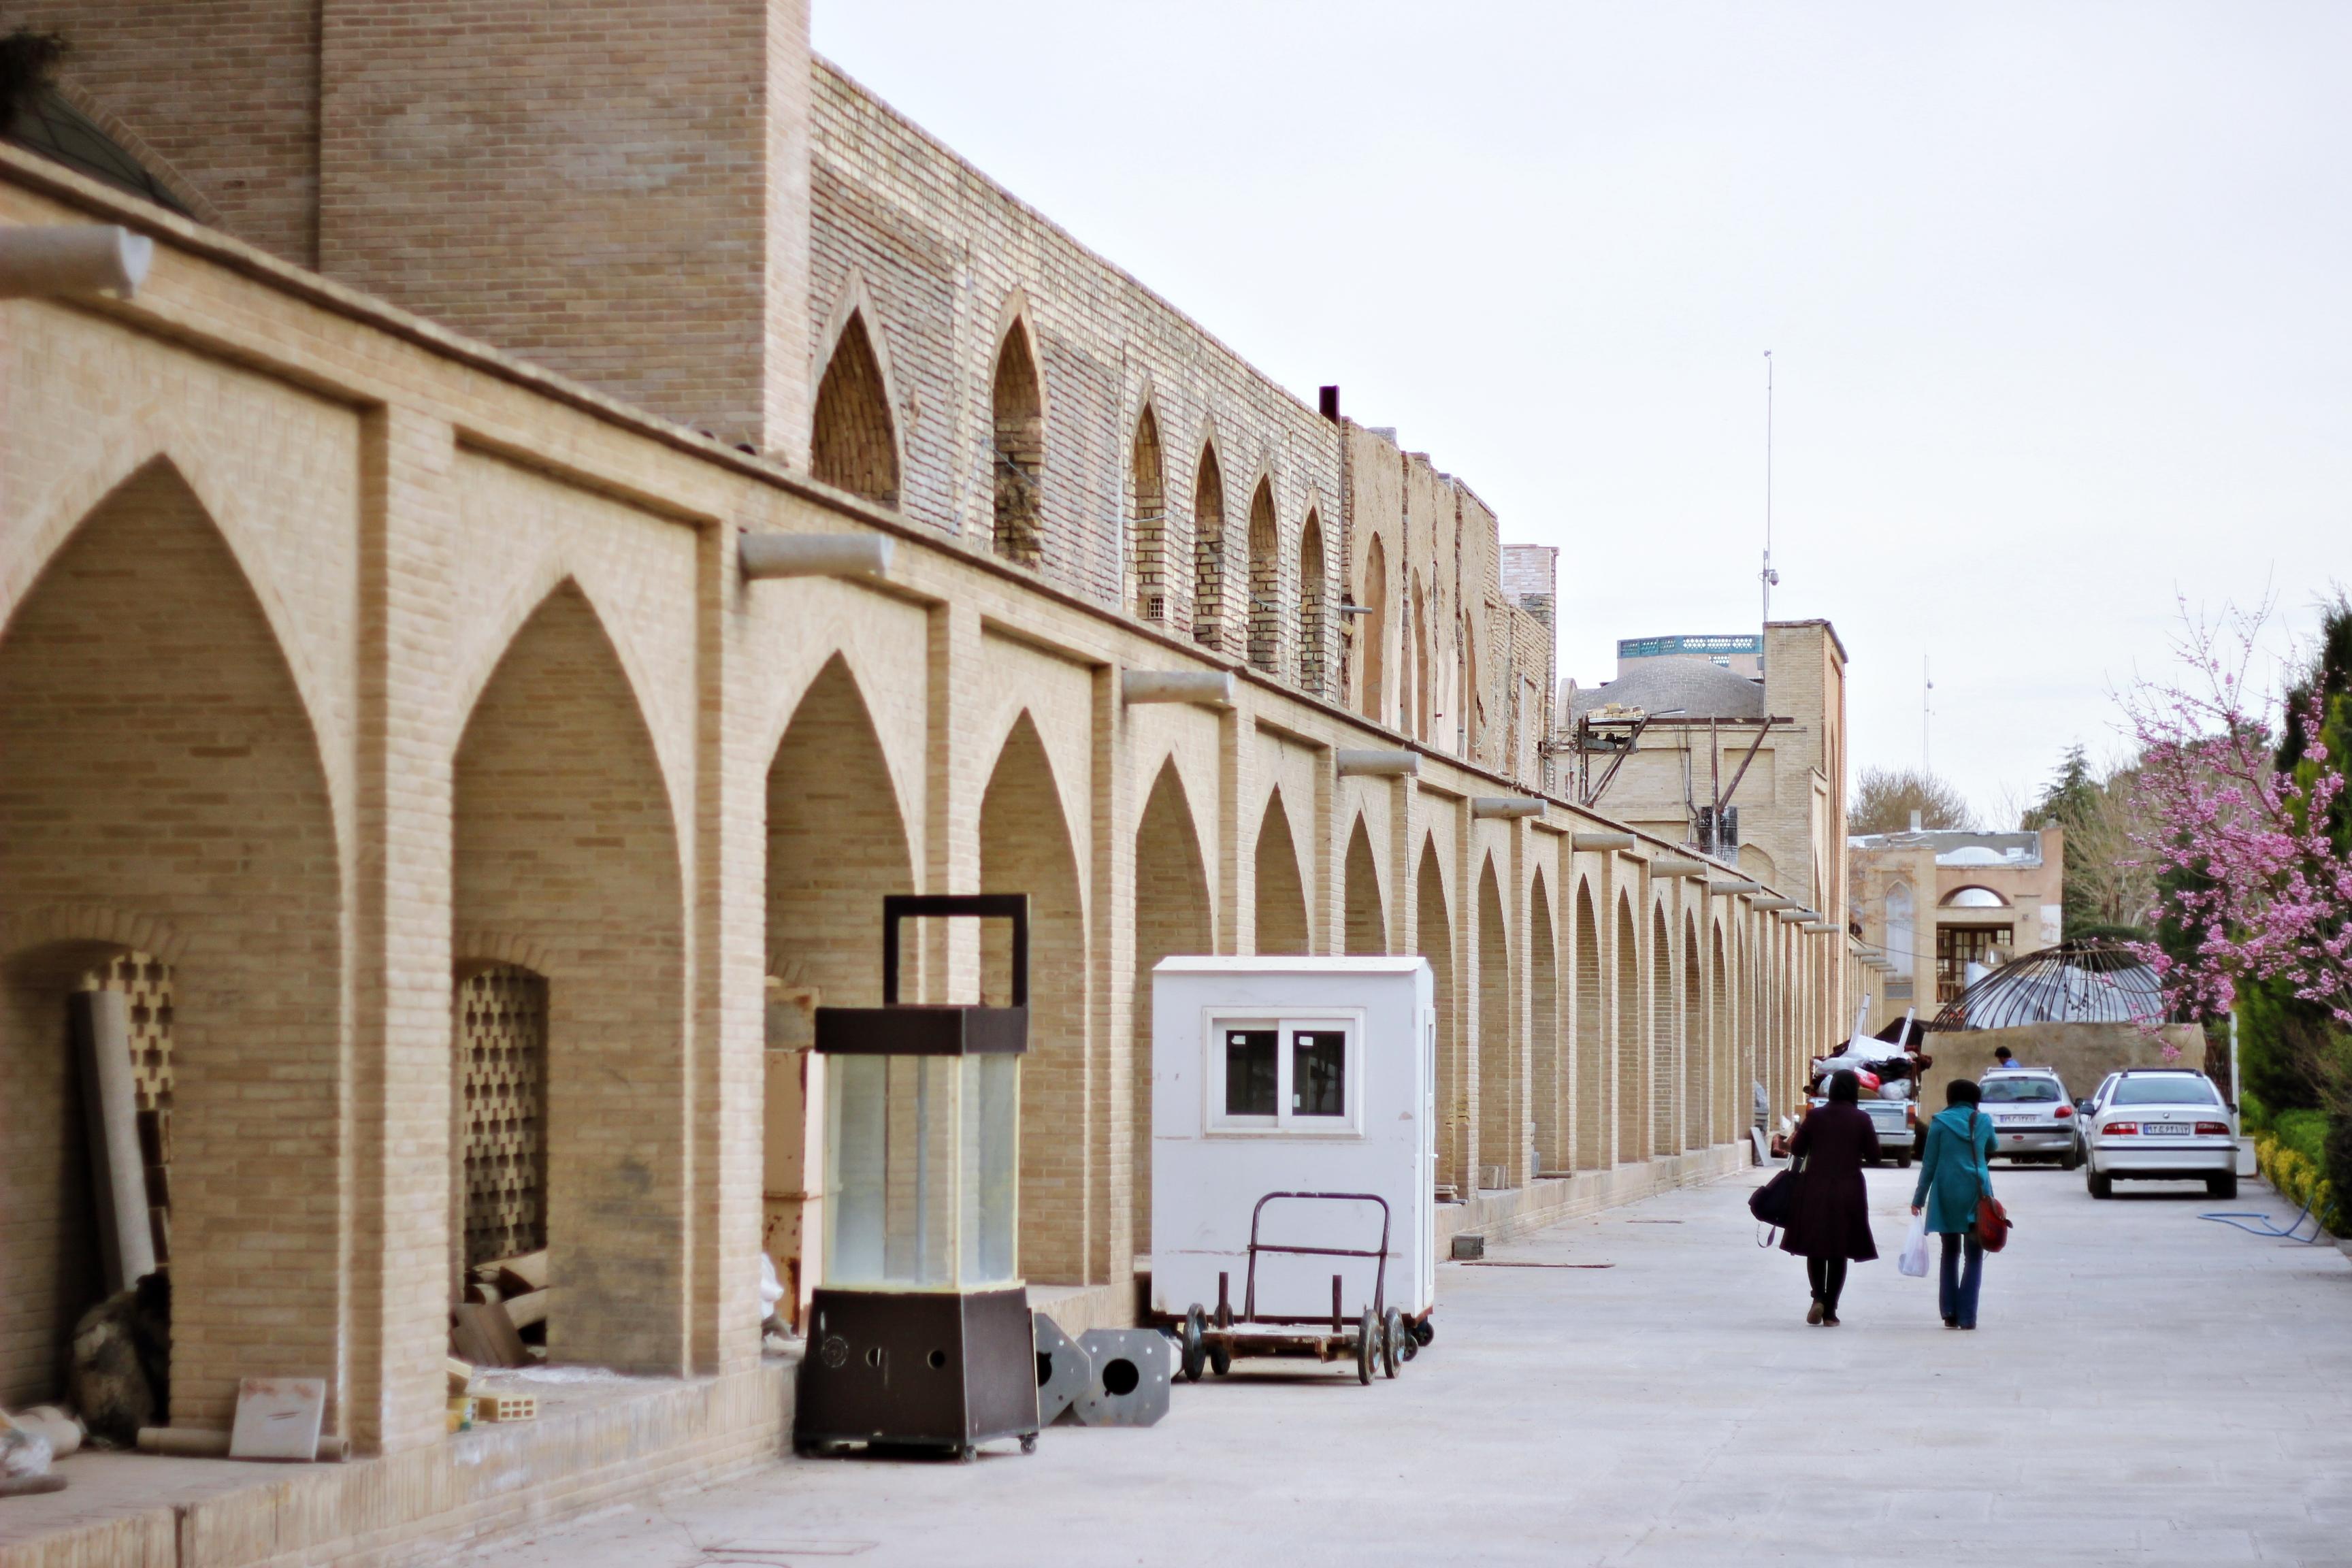 Pierwszy dzień w Iranie. Pierwszy dzień w Isfahanie